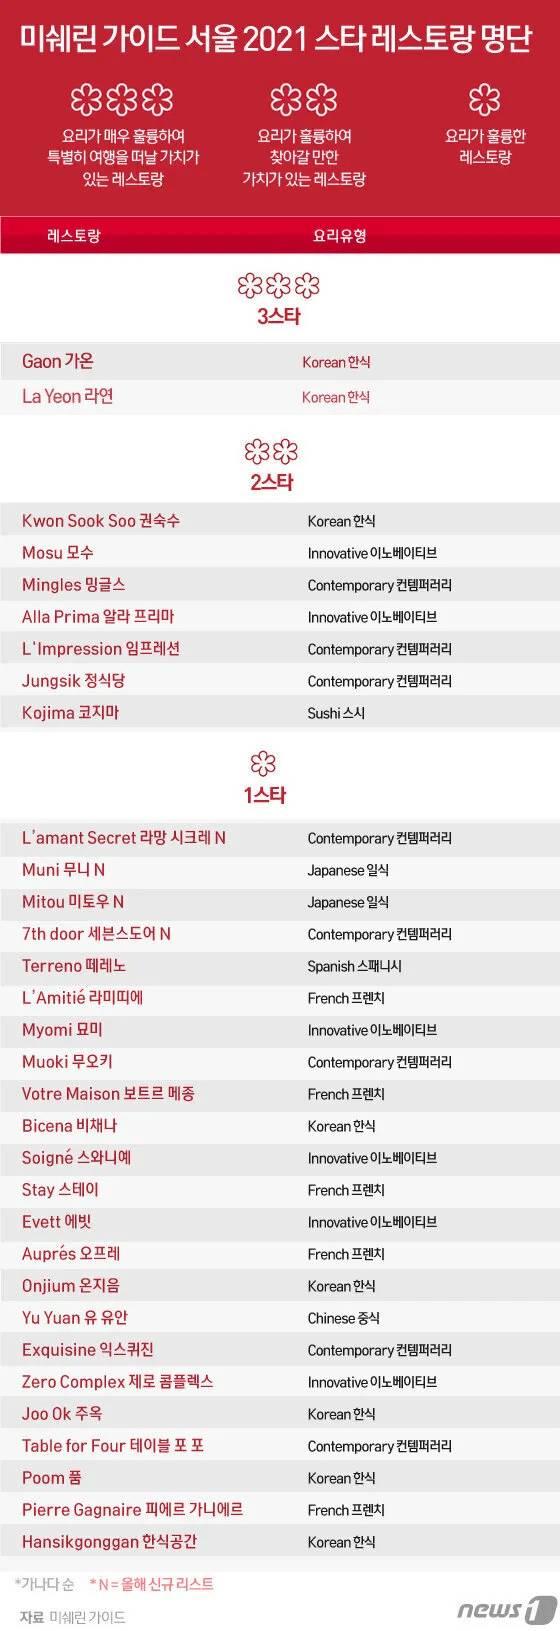 미쉐린가이드 서울 2021 레스토랑 명단 | 인스티즈